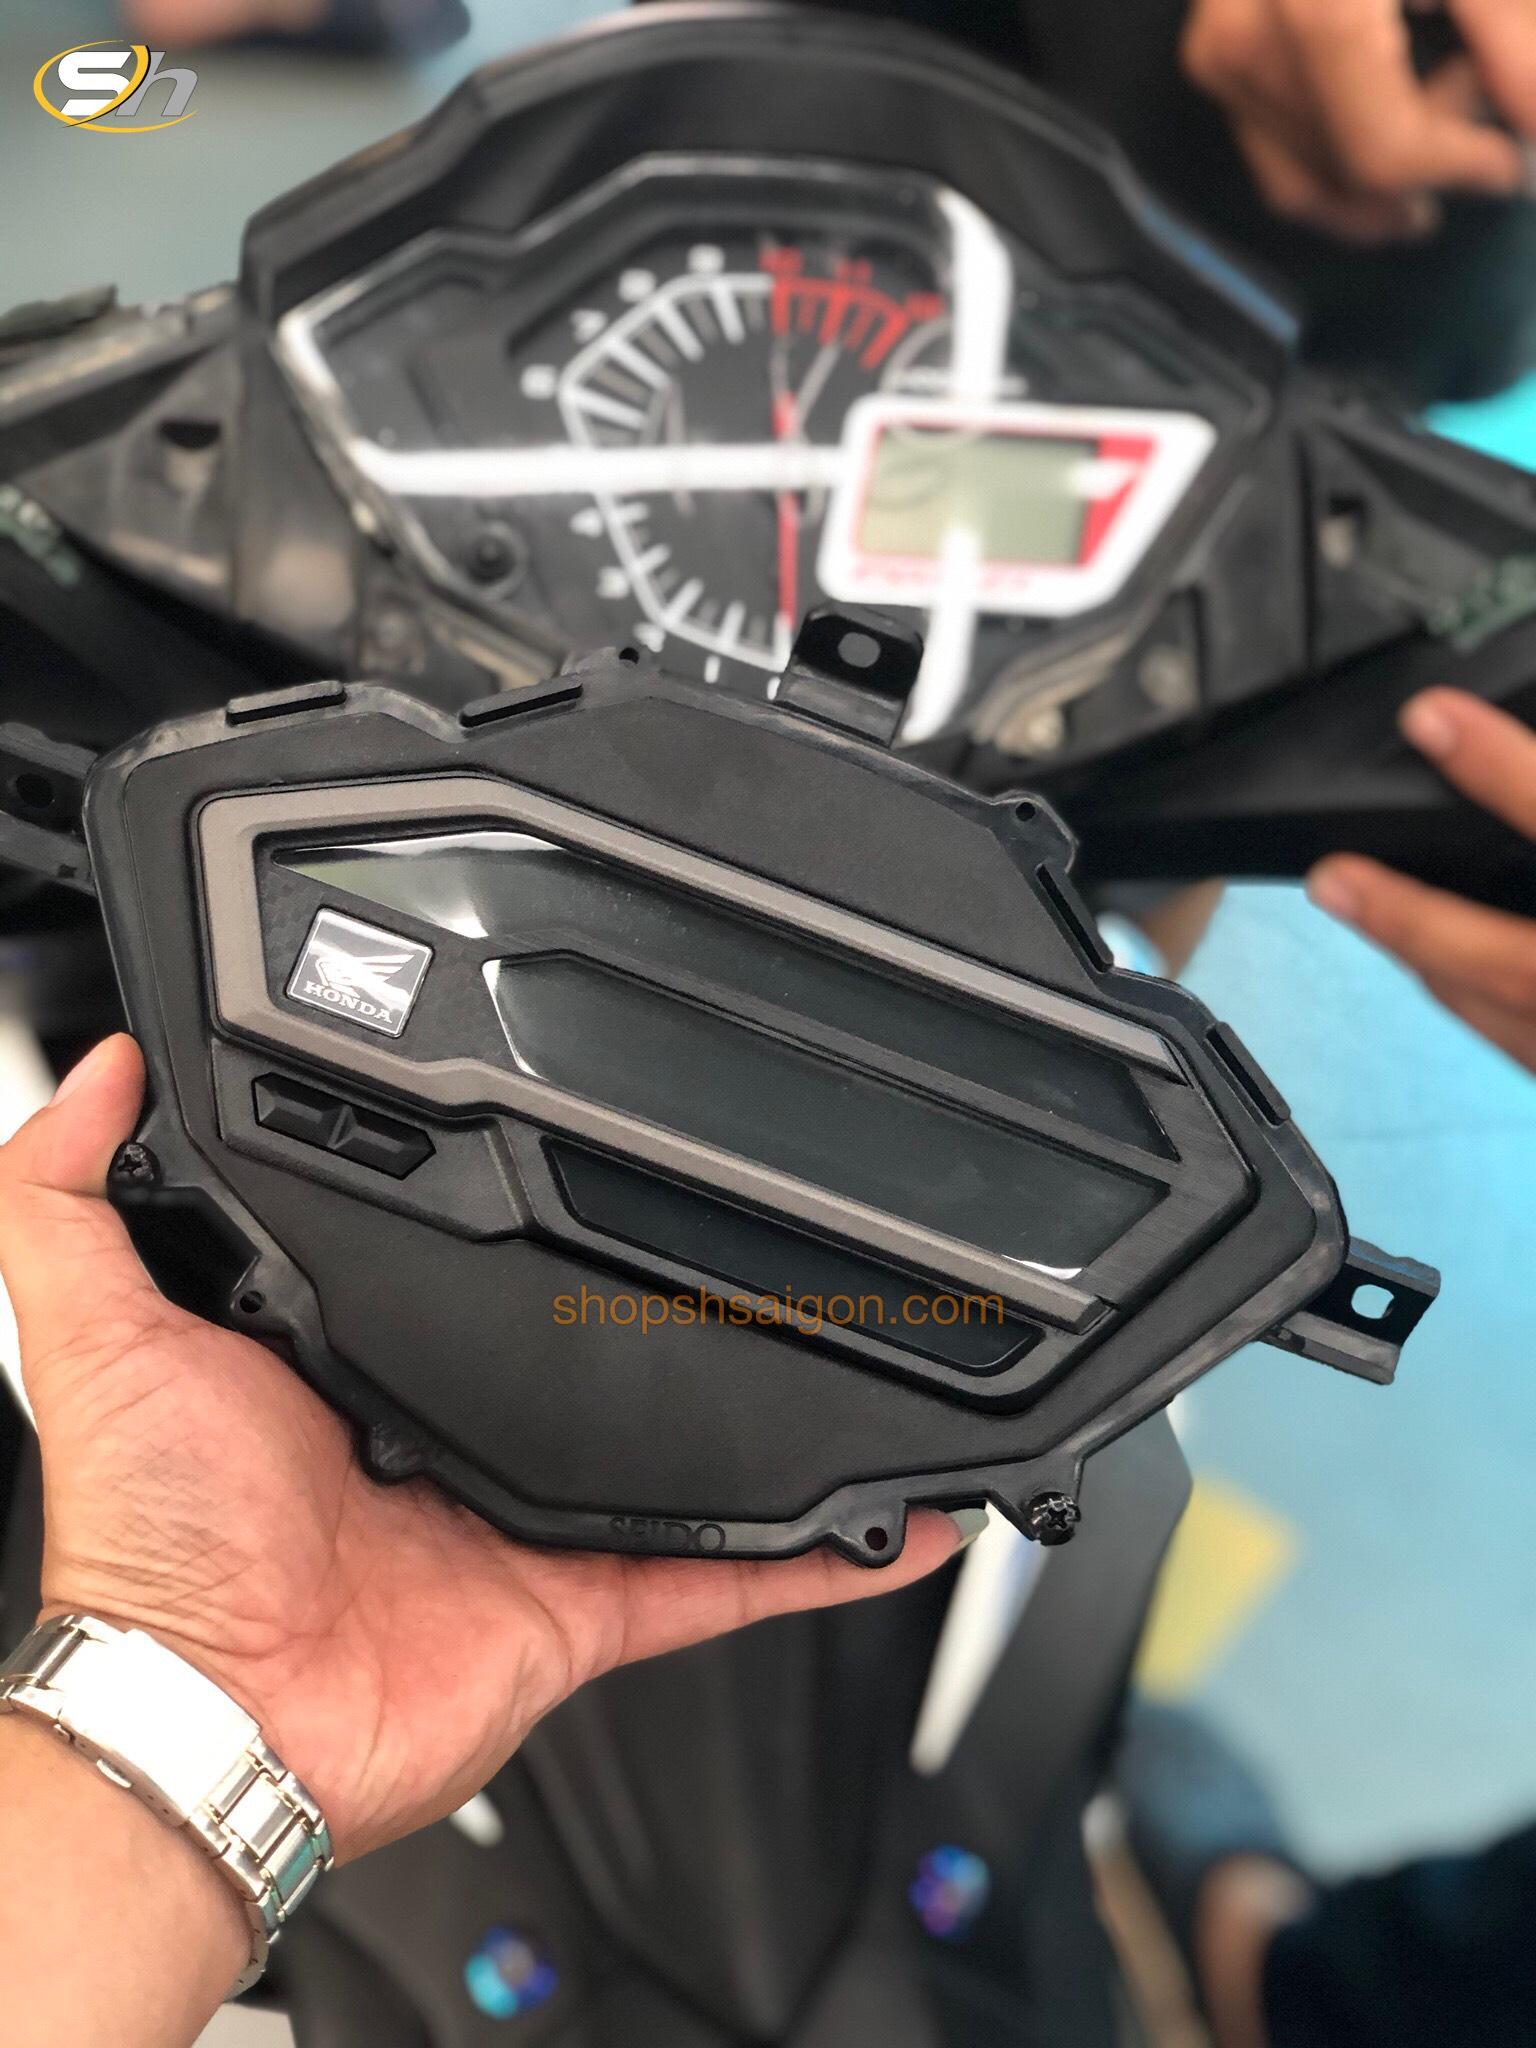 Bộ đồng hồ Winner X gắn cho Winner V1/ RS150R/ Supra GTS 5